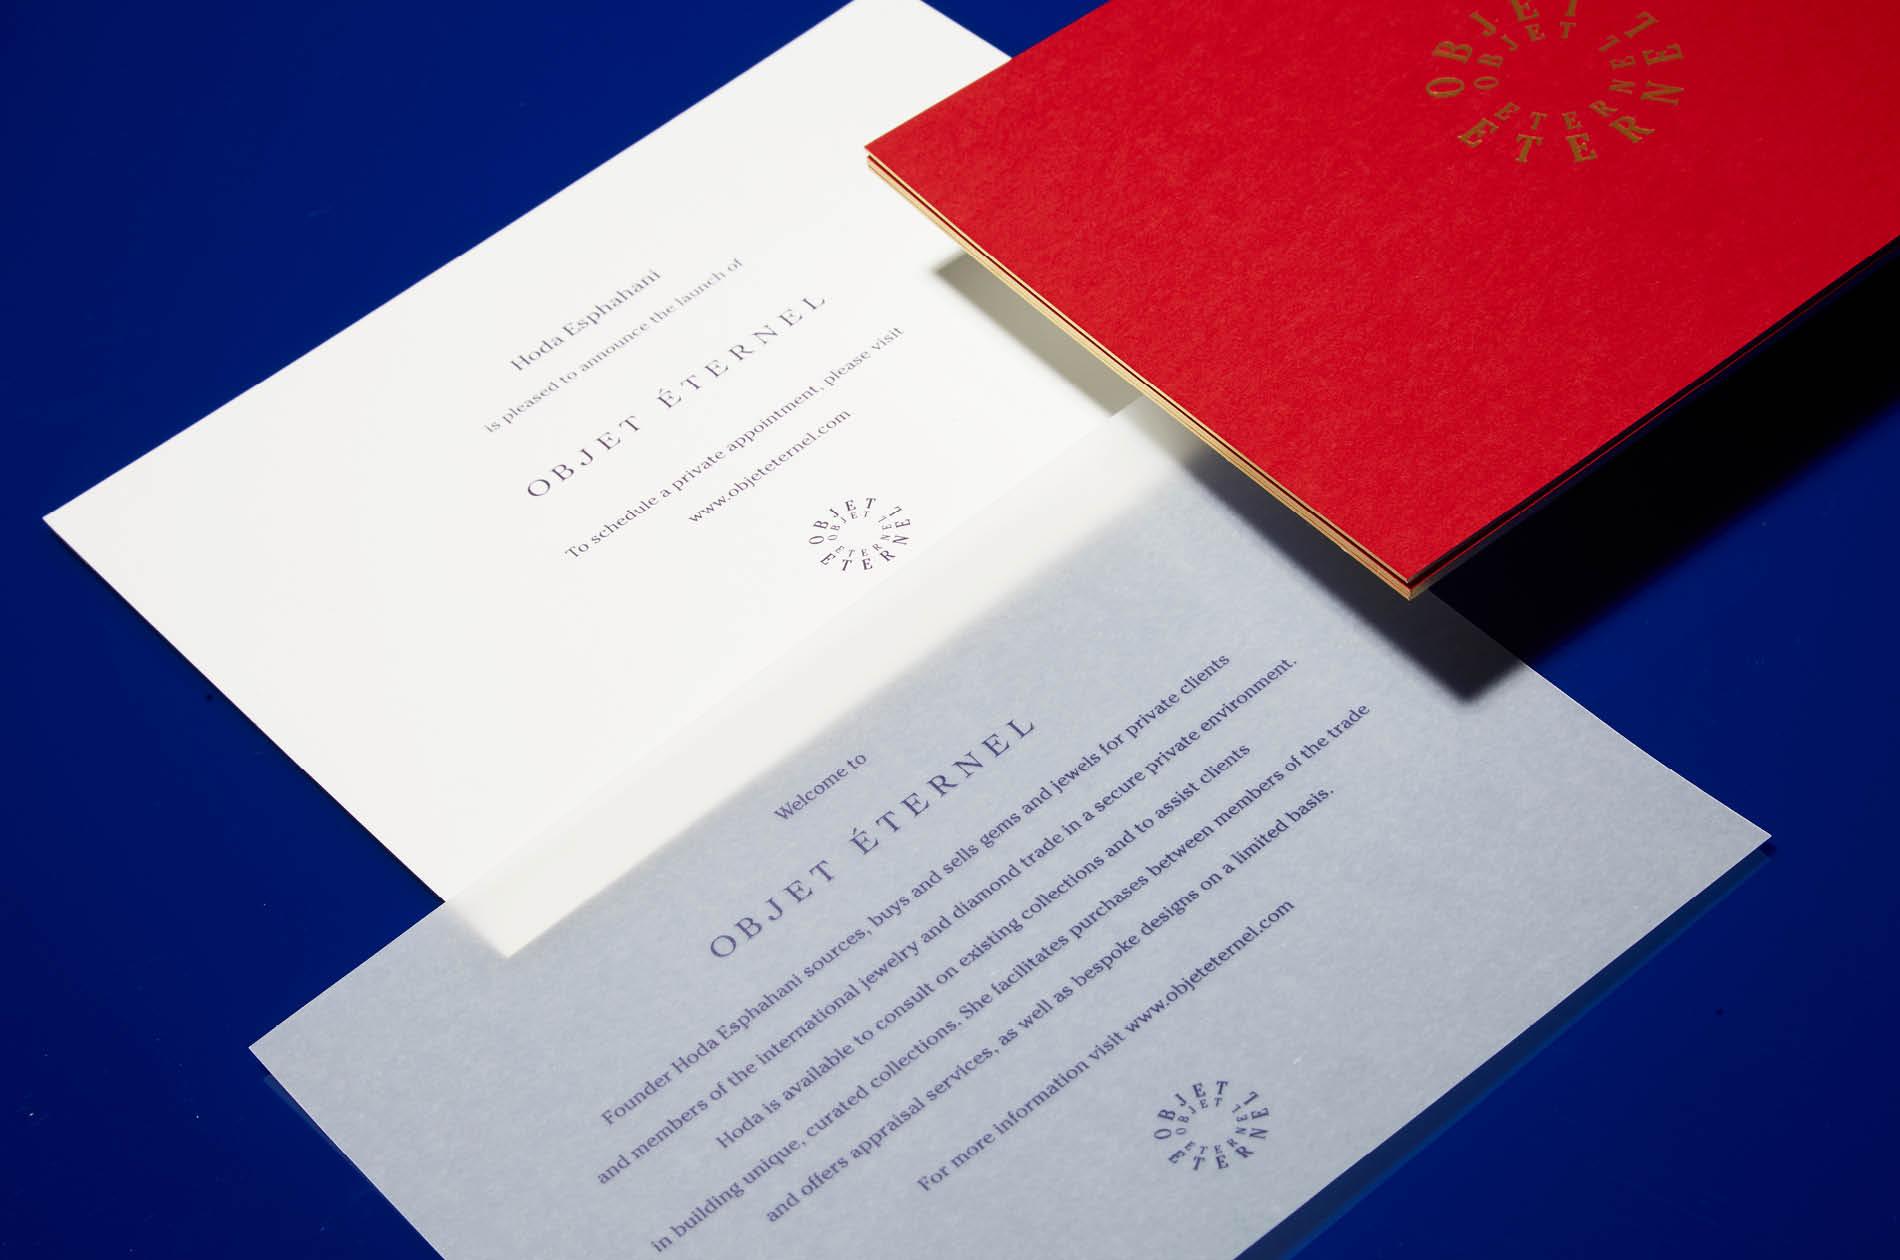 DTE designed business print collateral for Objet Éternel